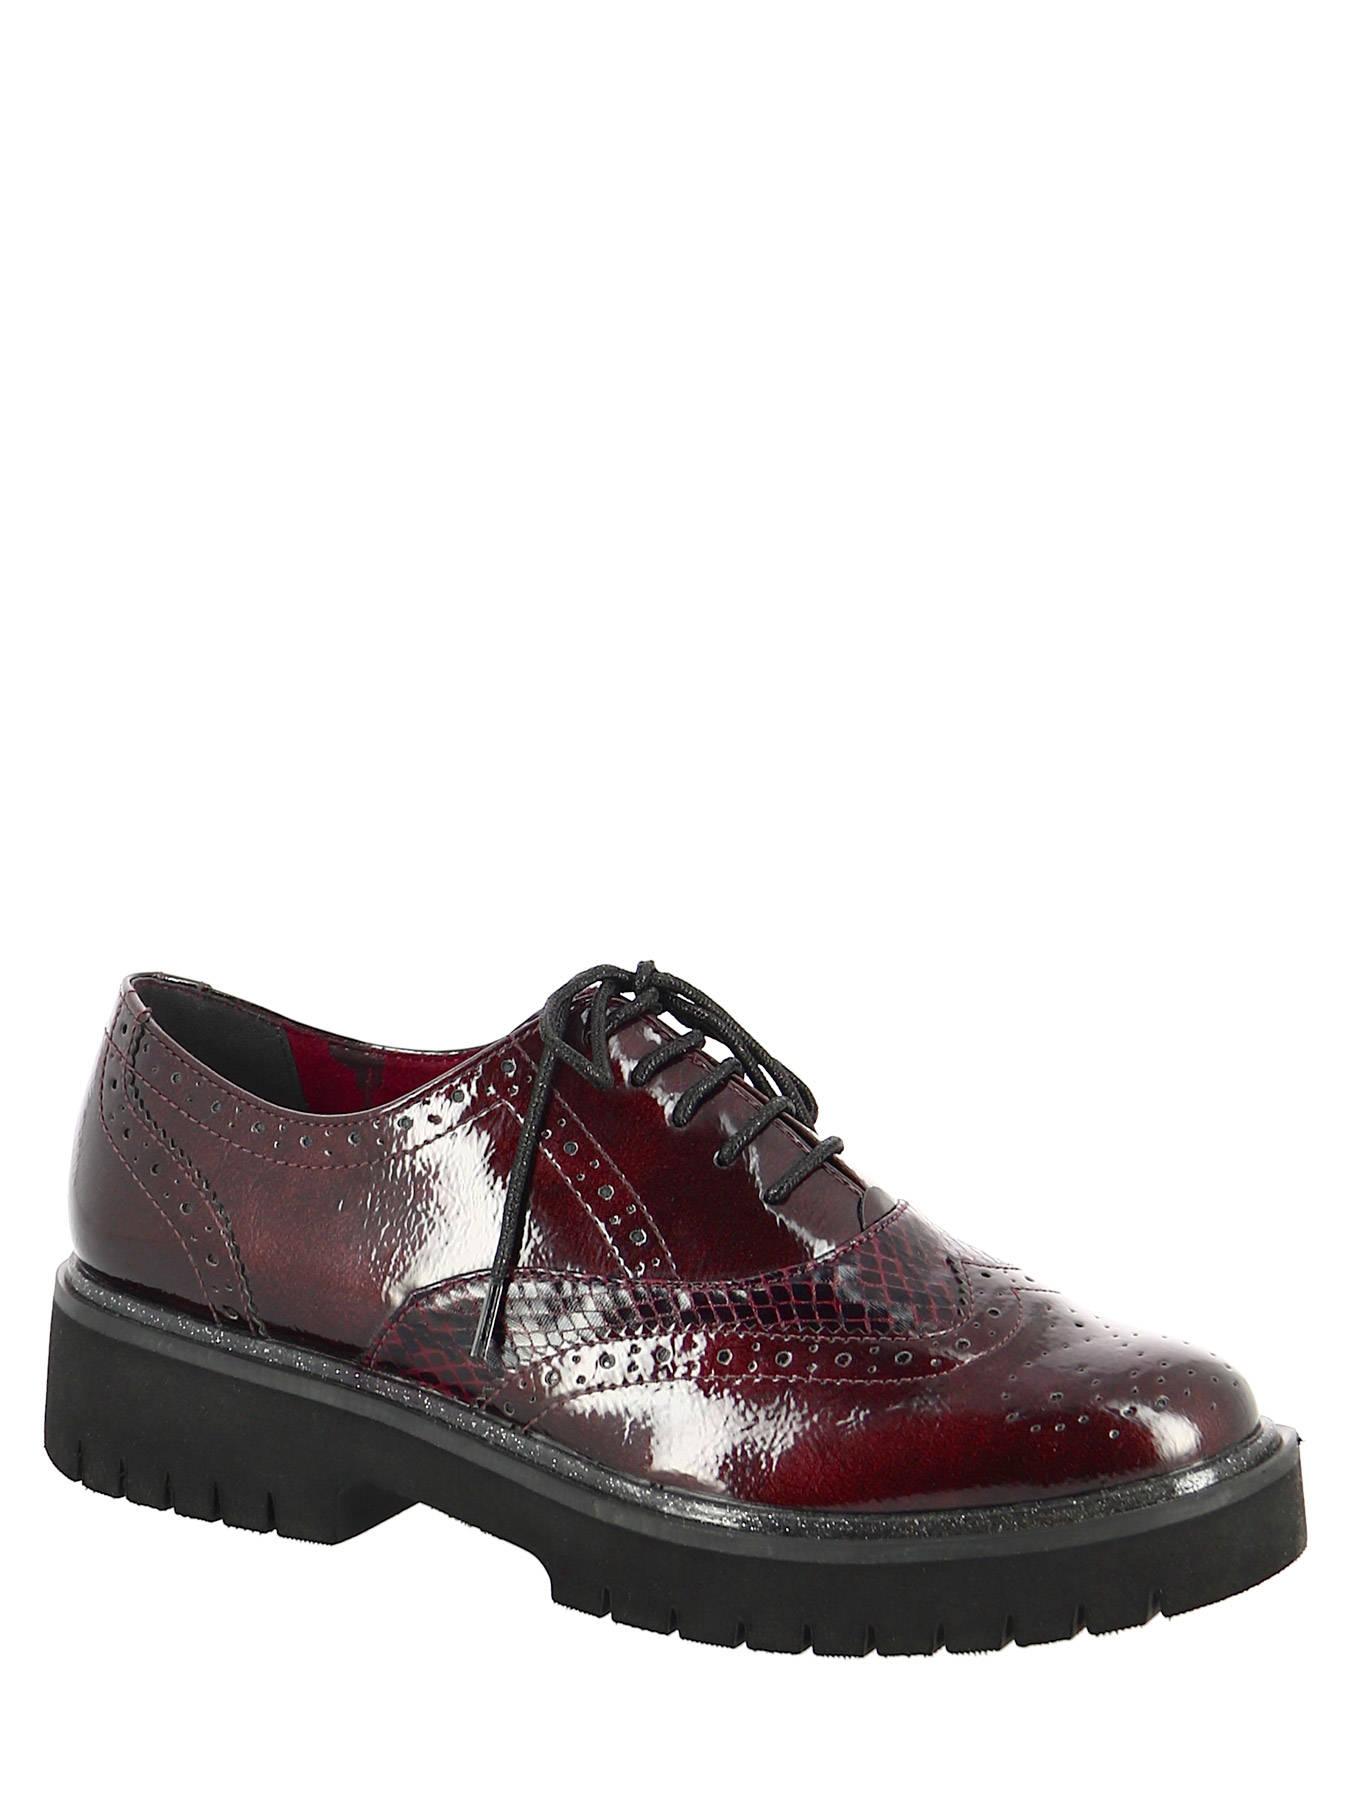 Chaussures Lacets Derby Tamaris À À Chaussures Lacets Tamaris Chaussures Derby PZkXiu